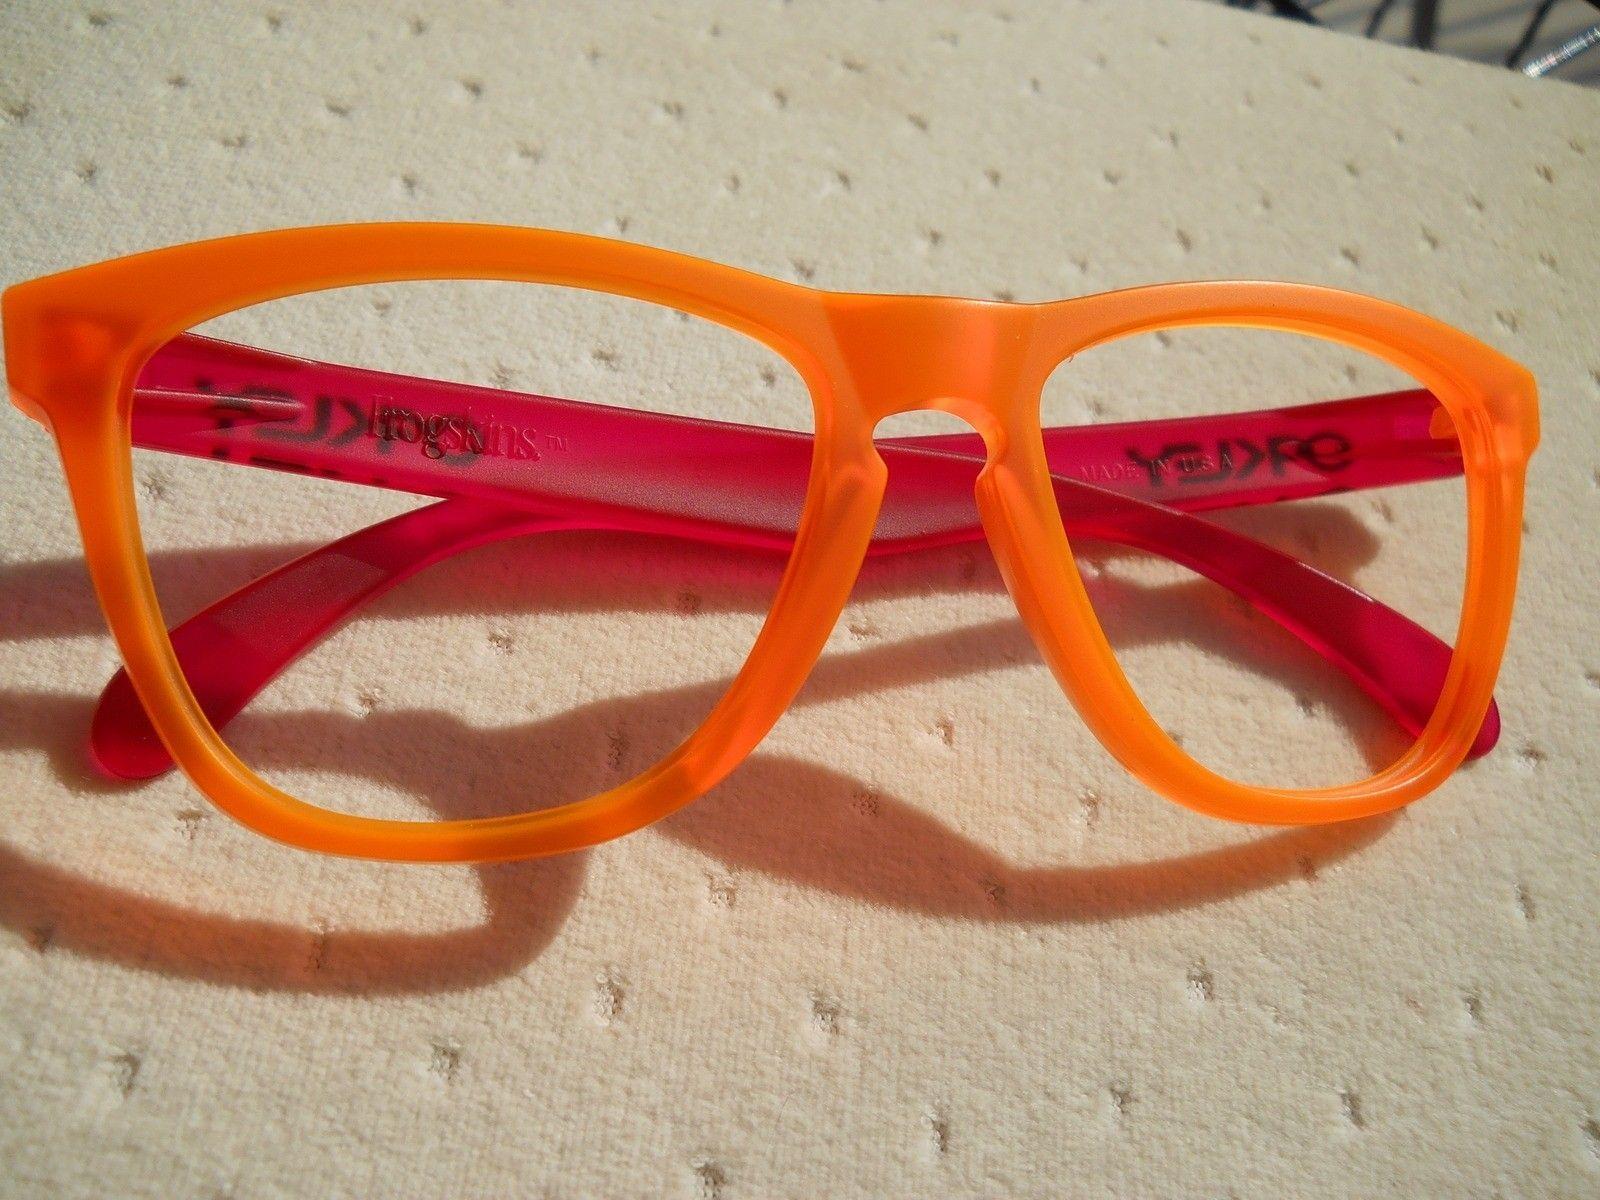 Blacklight Orange/Pink Frogskins - Frame And Bag - oc6b.jpg